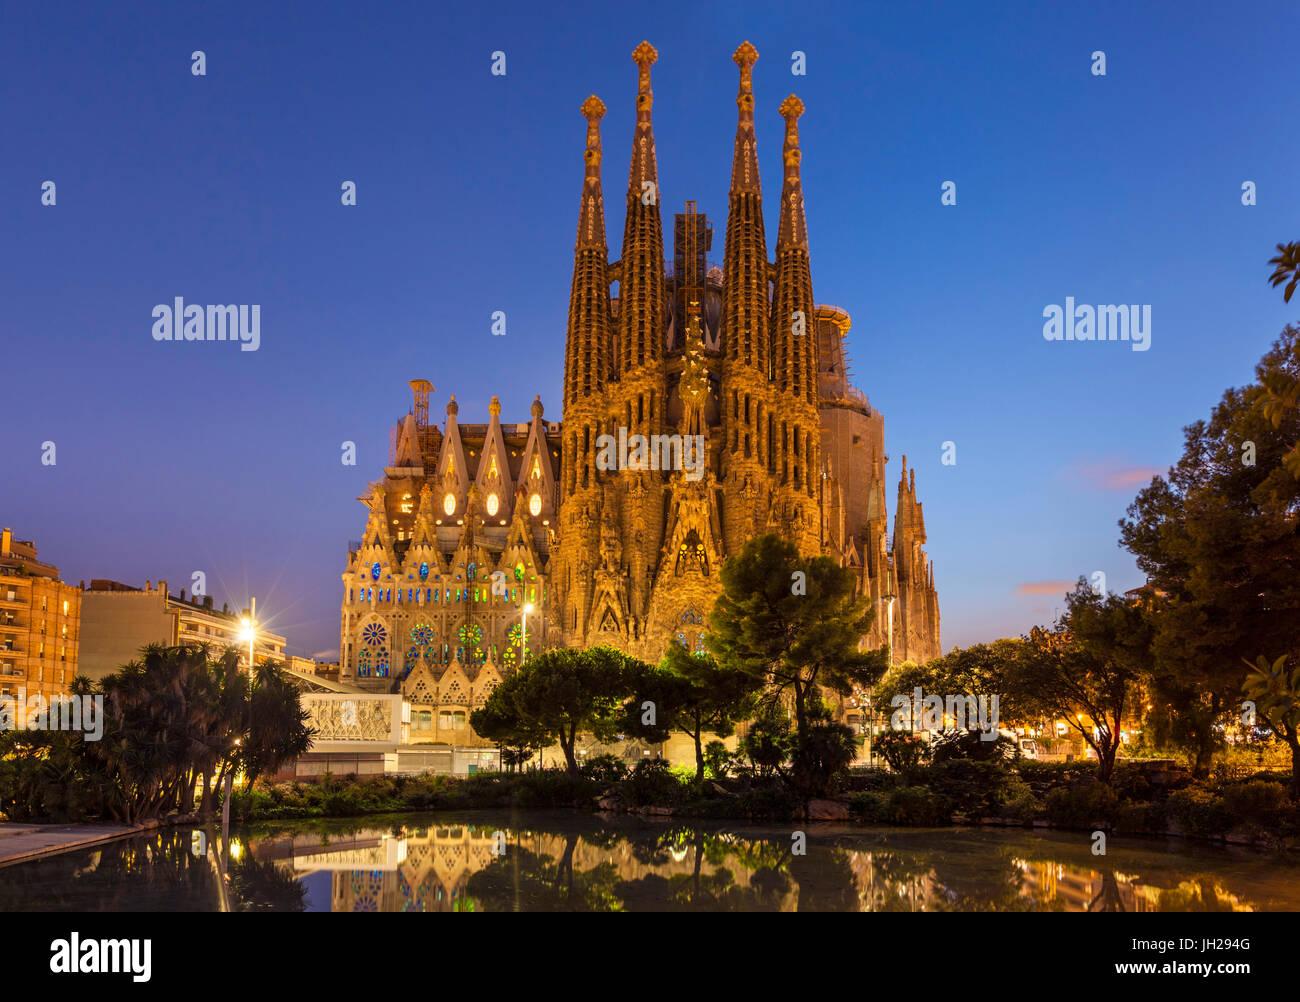 La sagrada familia kirche beleuchtet in der nacht for Der spiegel spanien